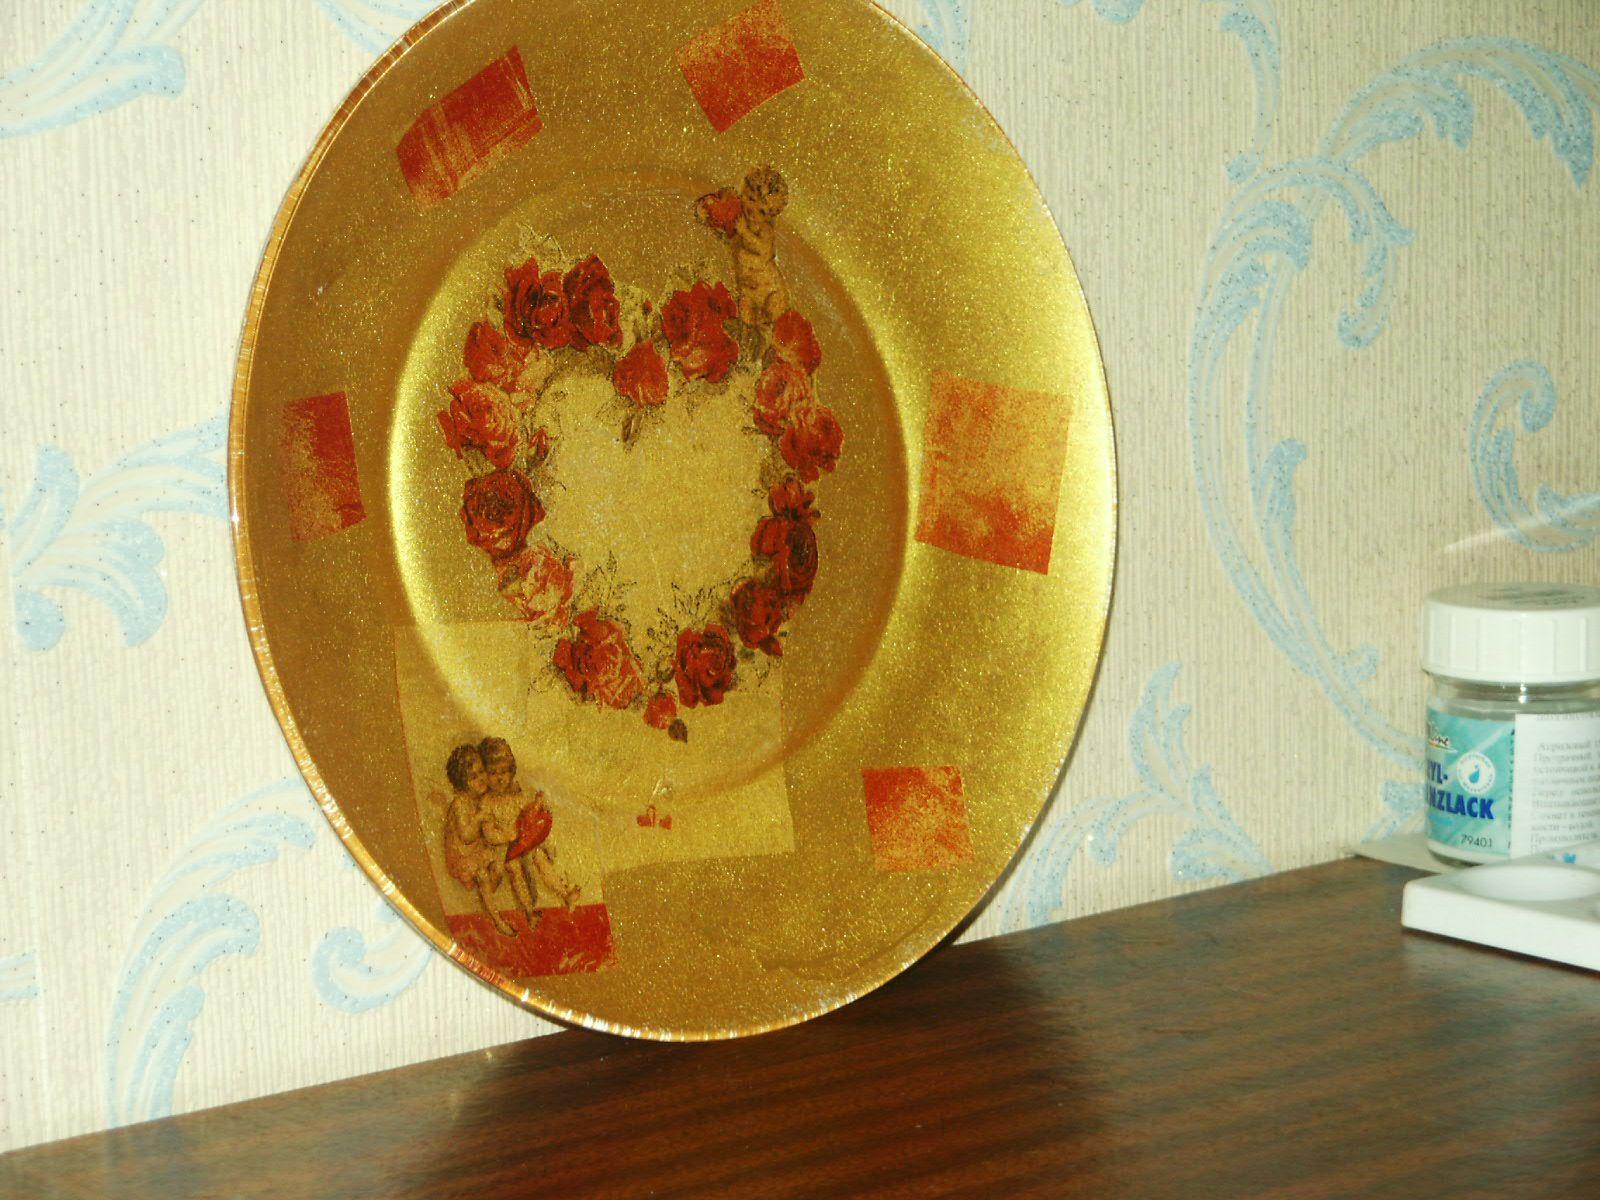 декупаж: тарелка + салфетки + акриловая раска + кракелюрный лак